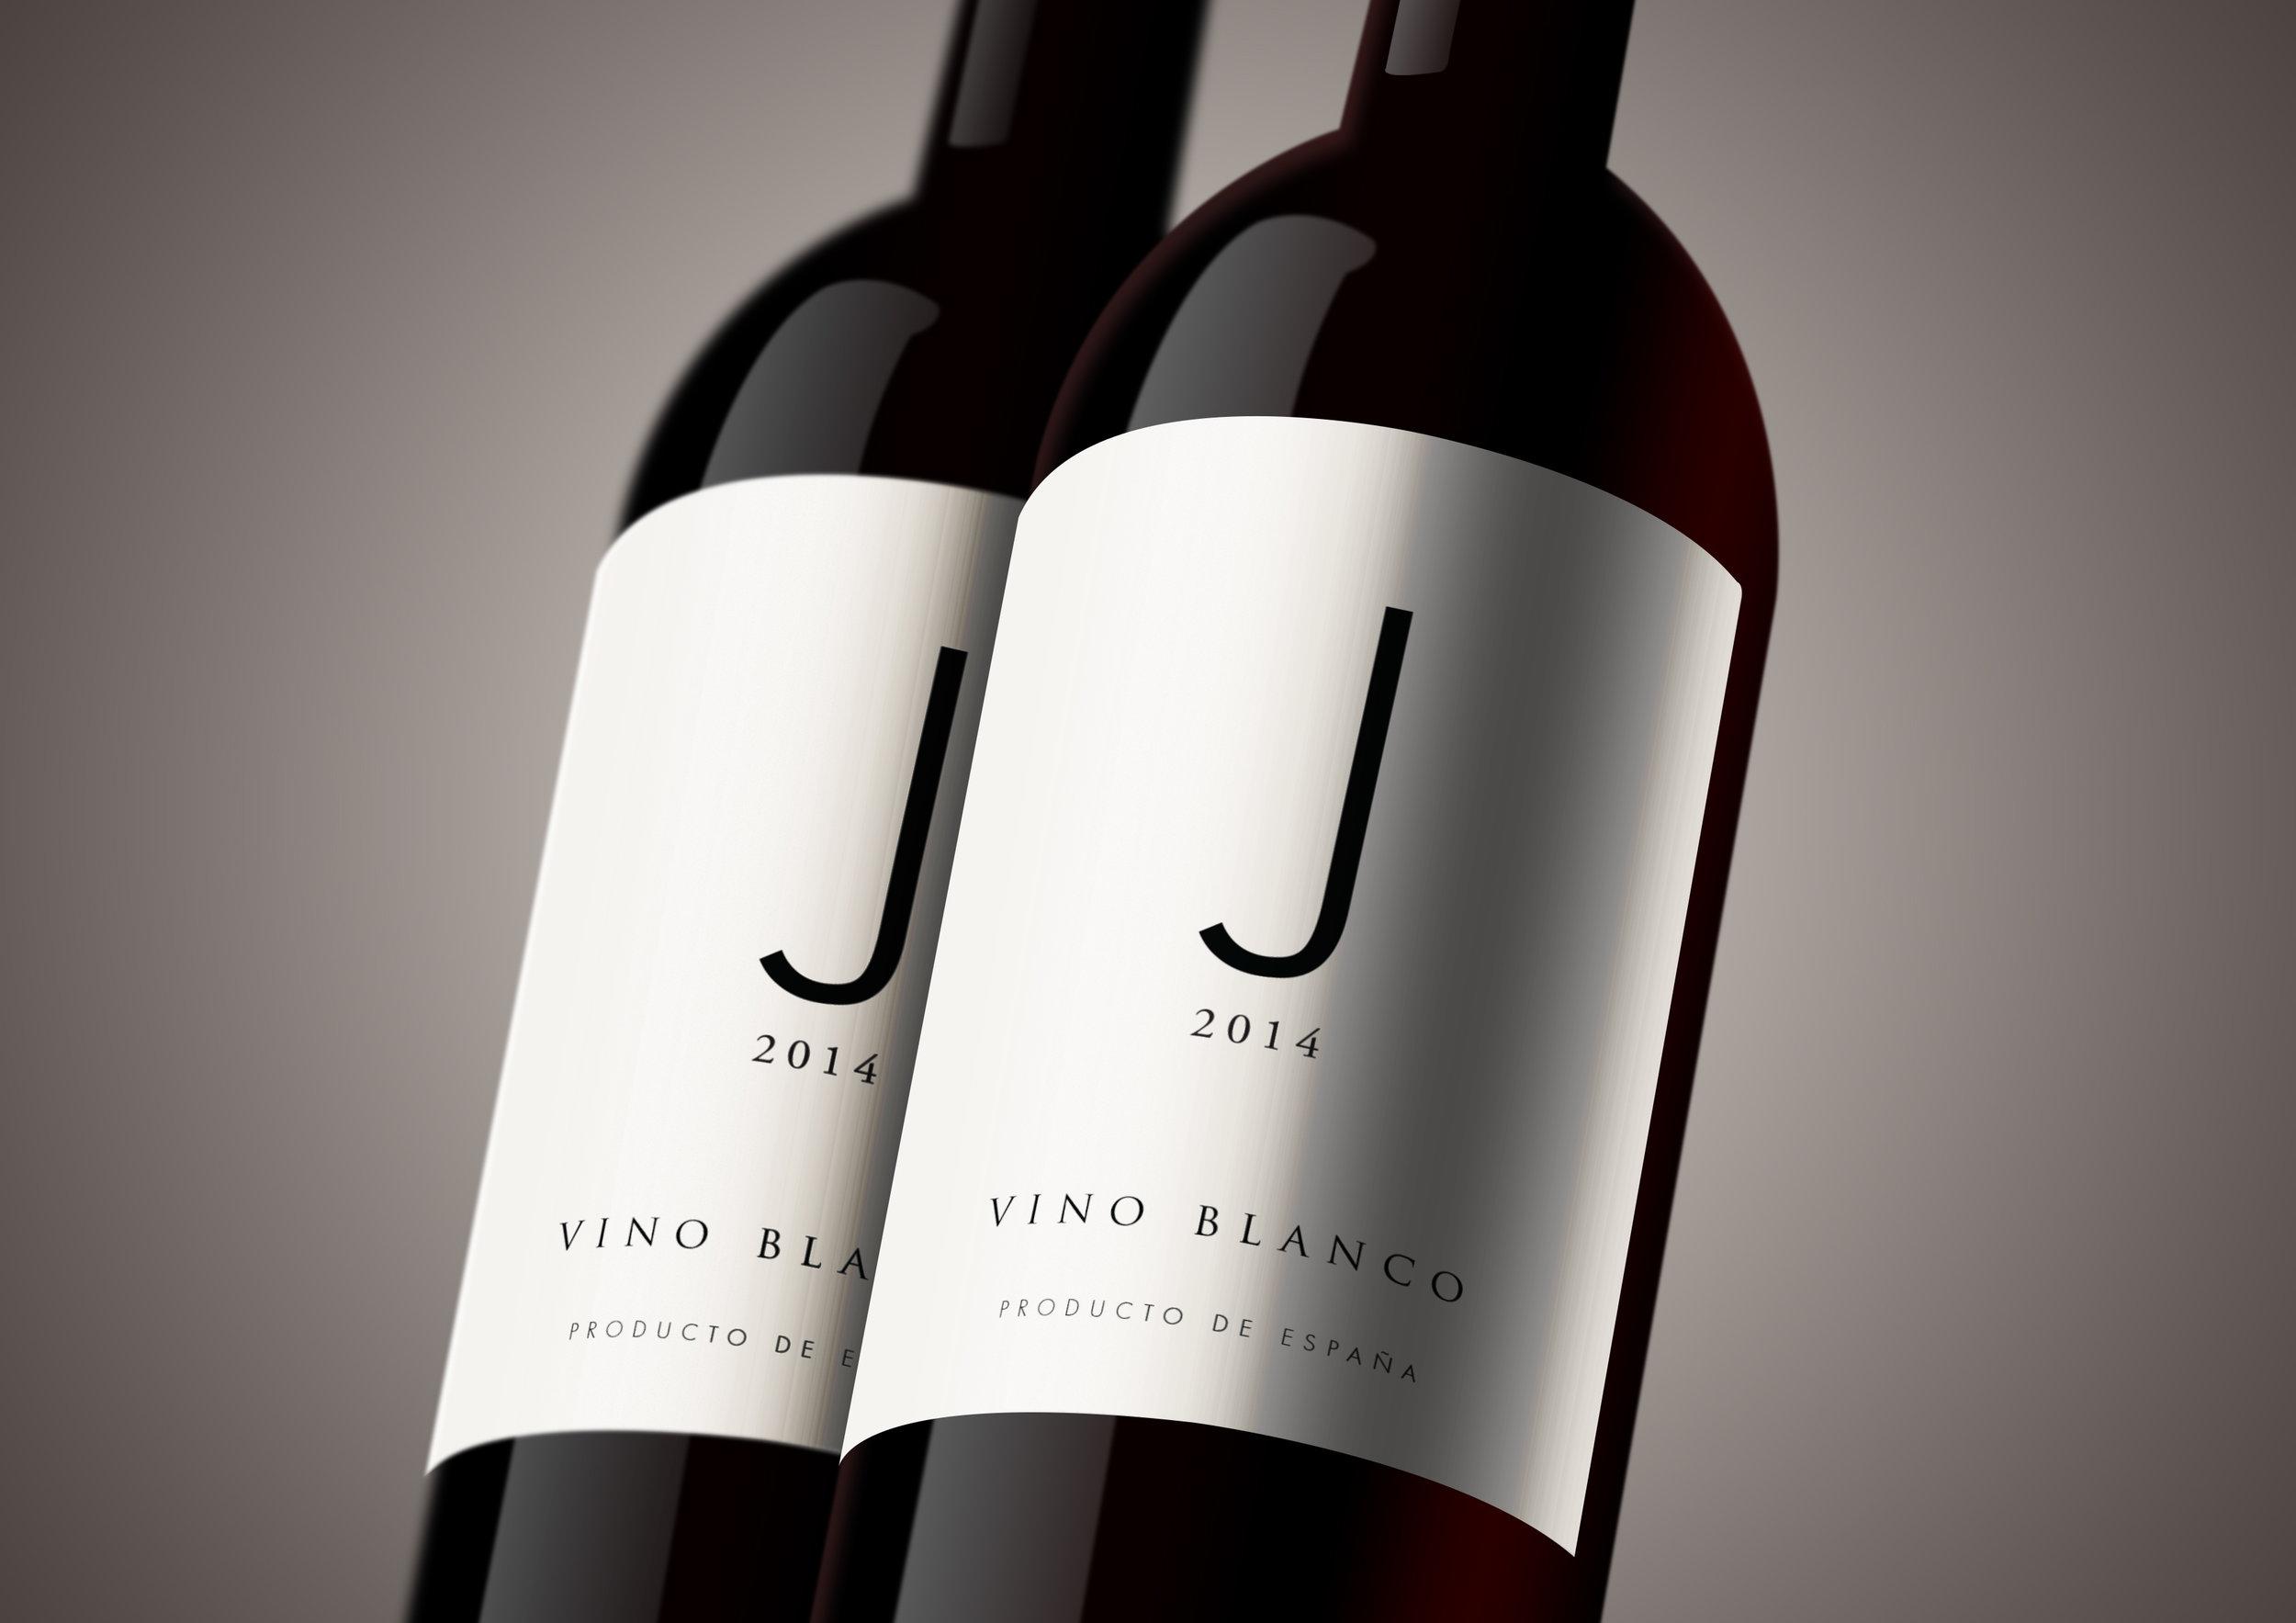 J 2 bottle shot.jpg